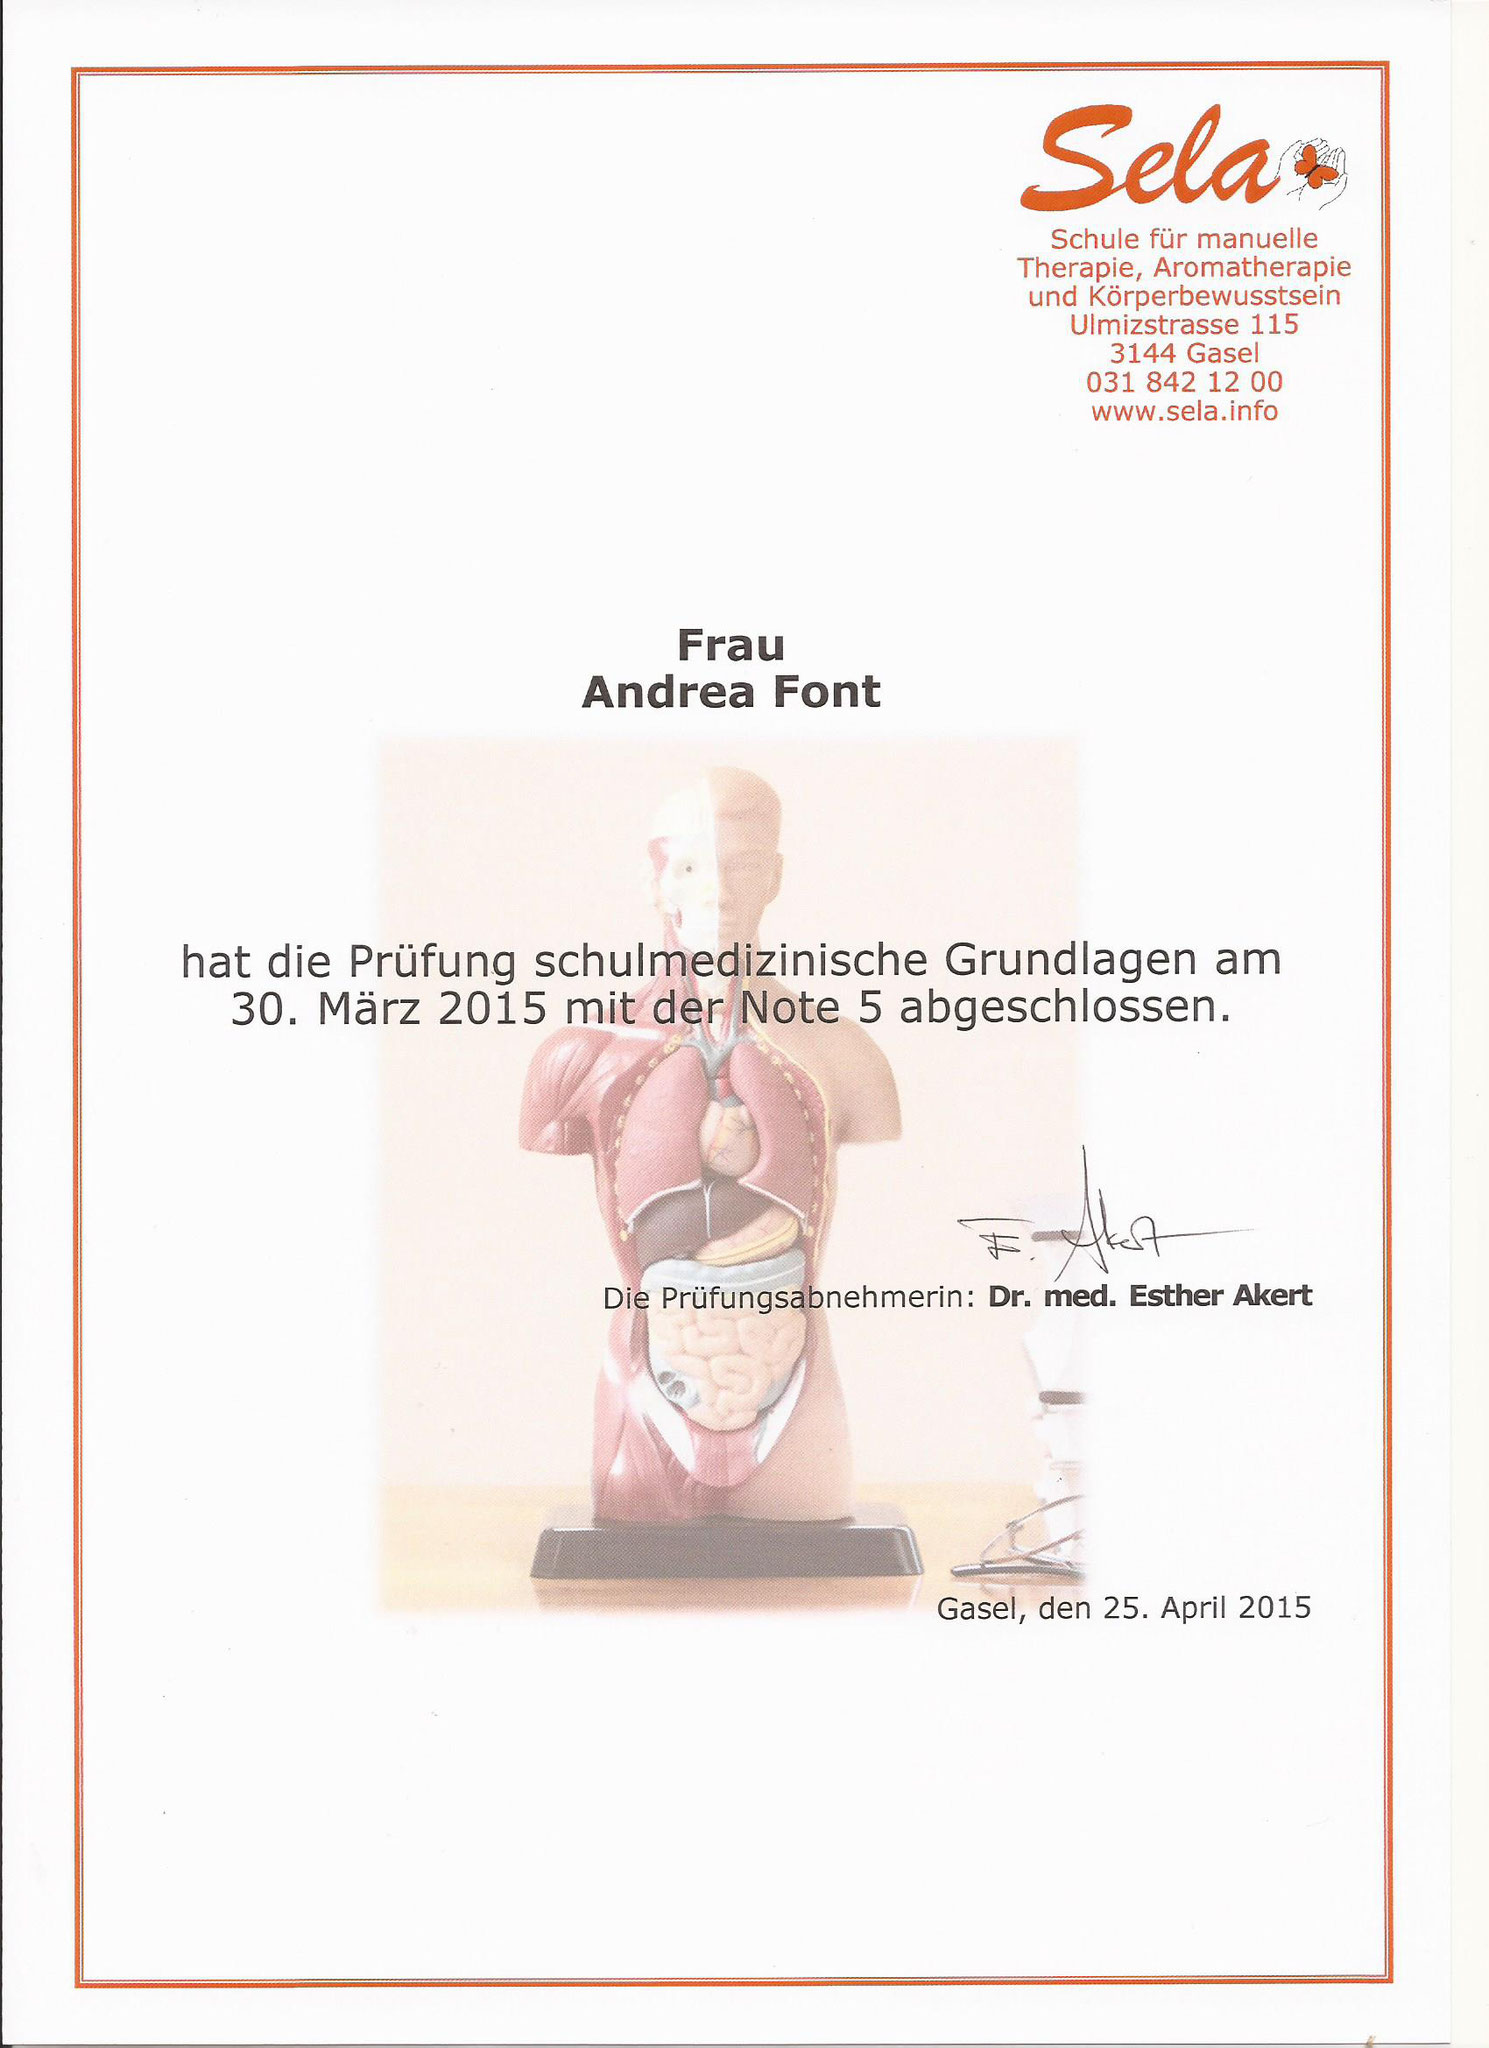 Schulmedizinische Grundlagen, 2015